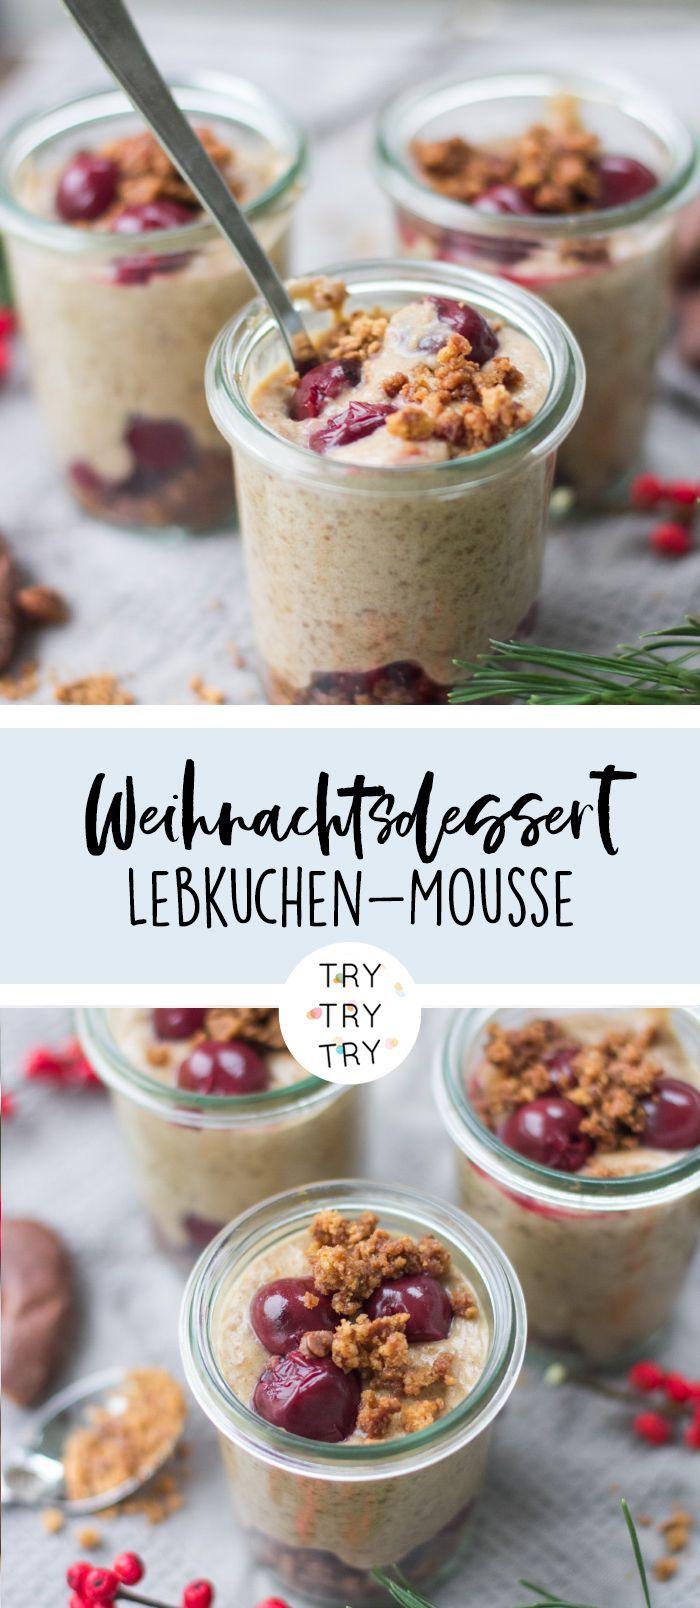 Weihnachtliches Dessert: Lebkuchen-Mousse